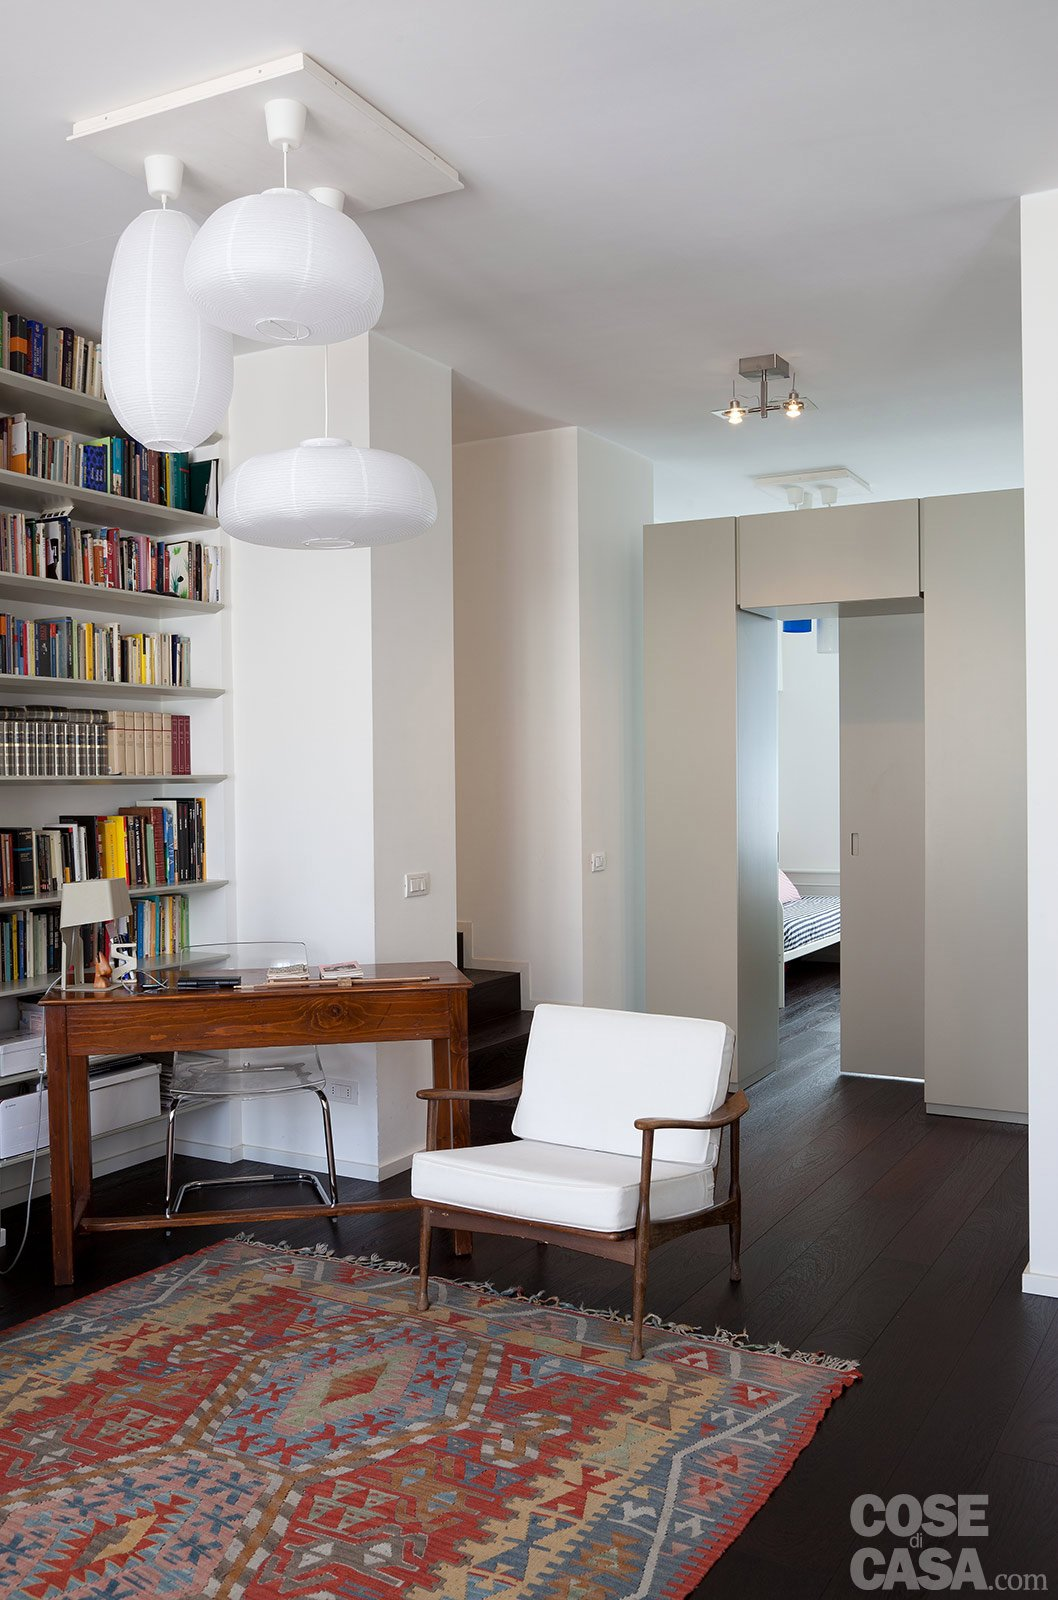 70 mq la casa migliora cos cose di casa - Casa 50 mq ikea ...